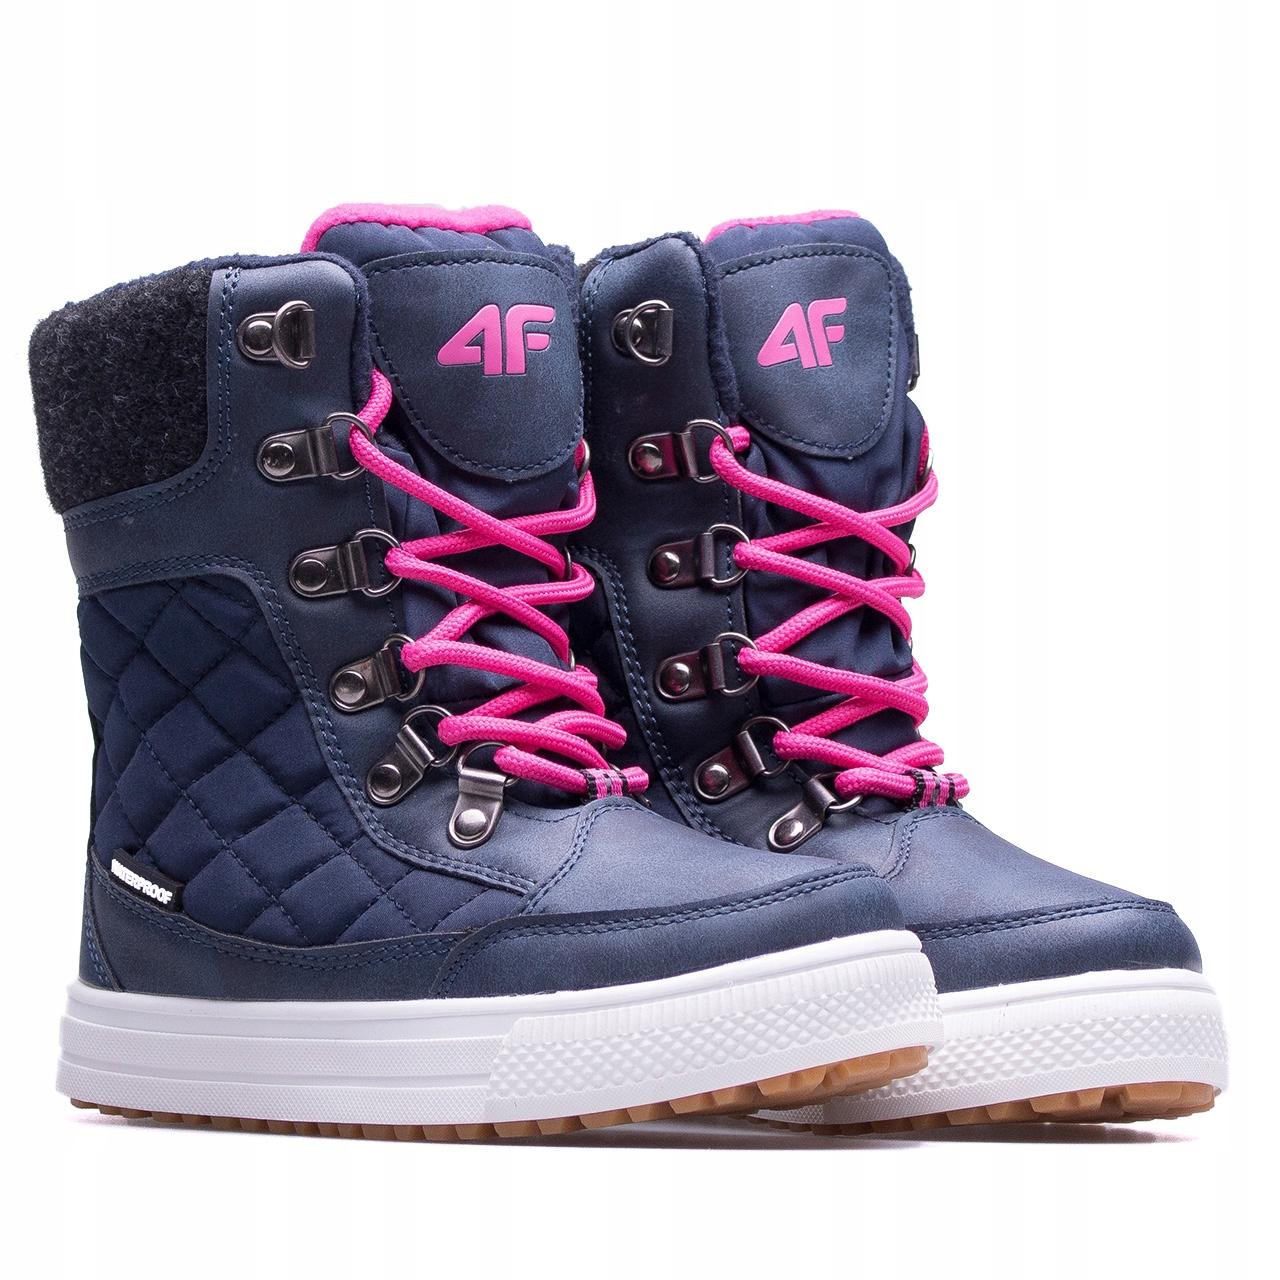 Детская зимняя обувь 4F Z17-JOBDW301-2129, 30